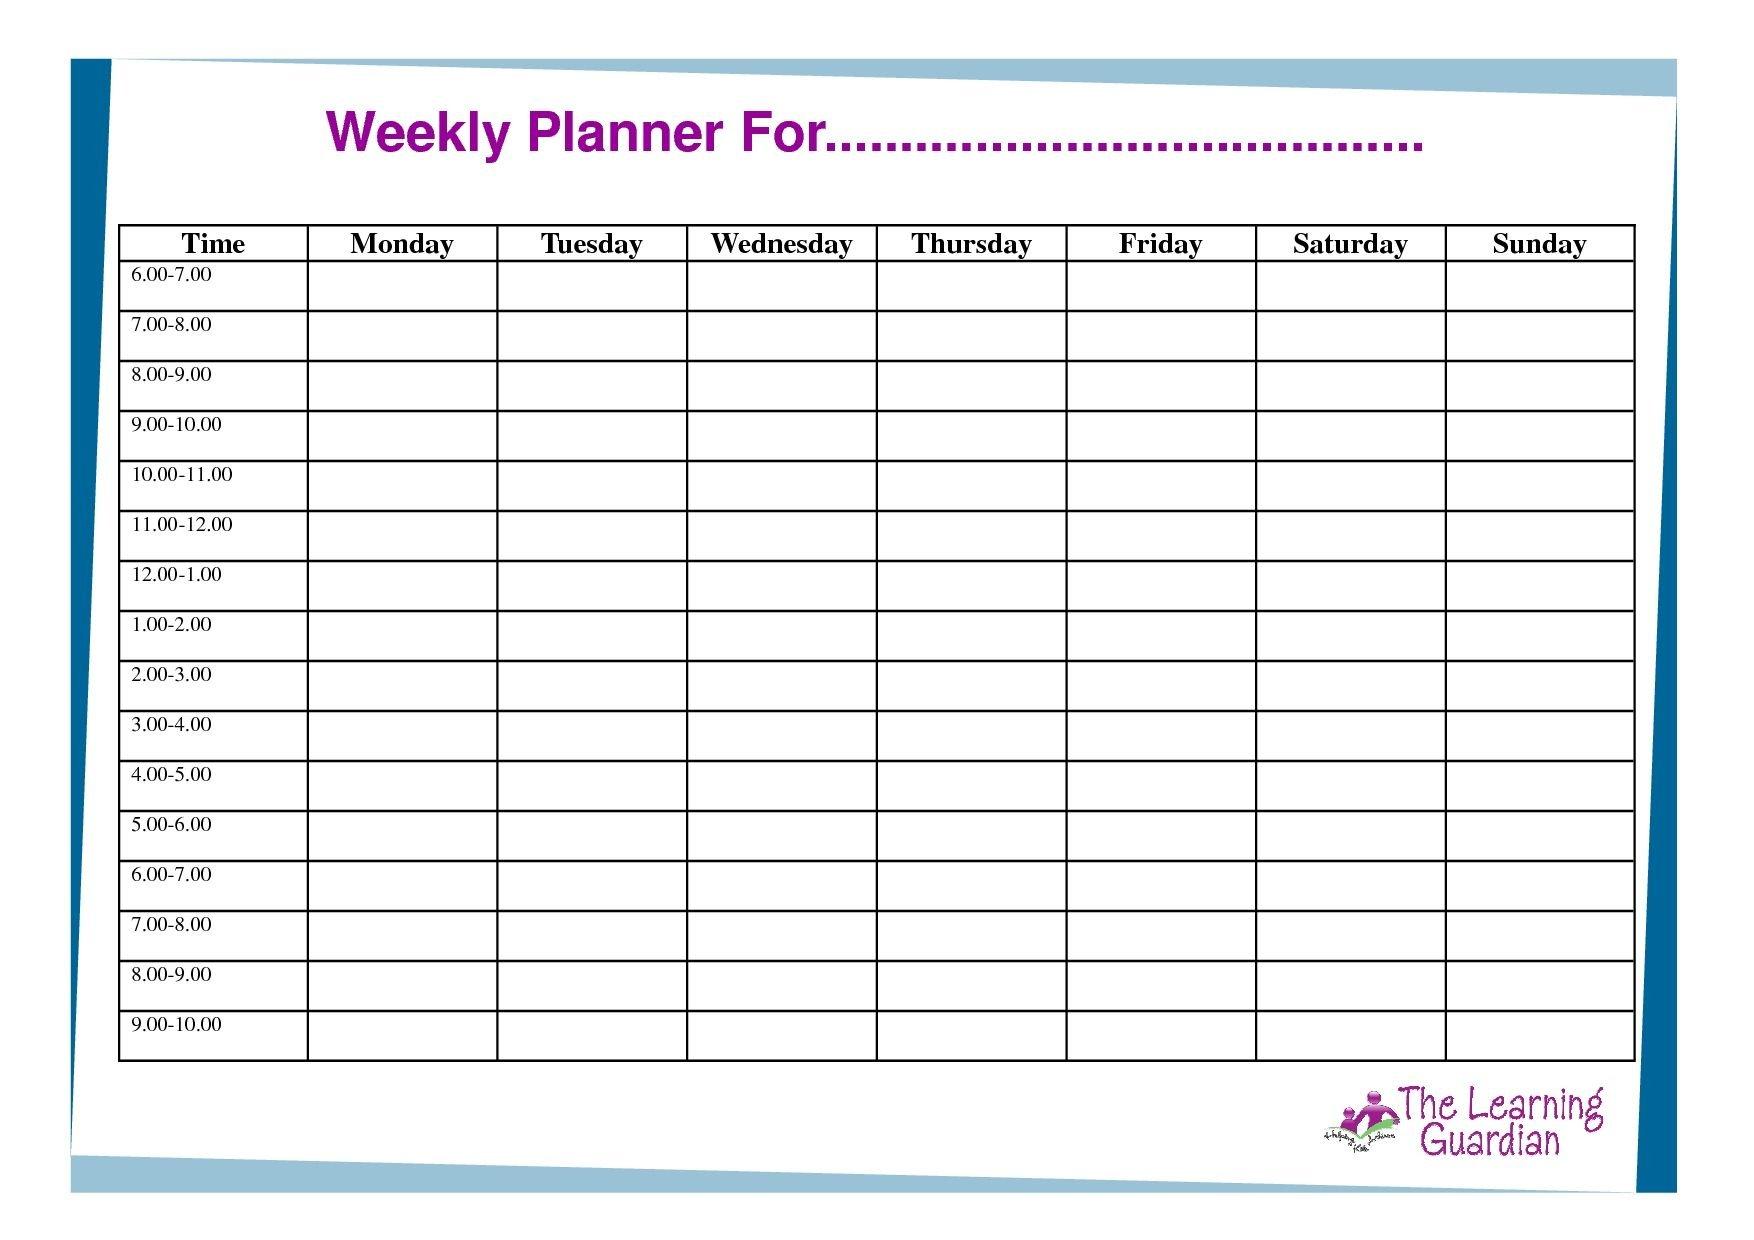 Free Printable Weekly Calendar Templates Weekly Planner Two Week Schedule Pdf